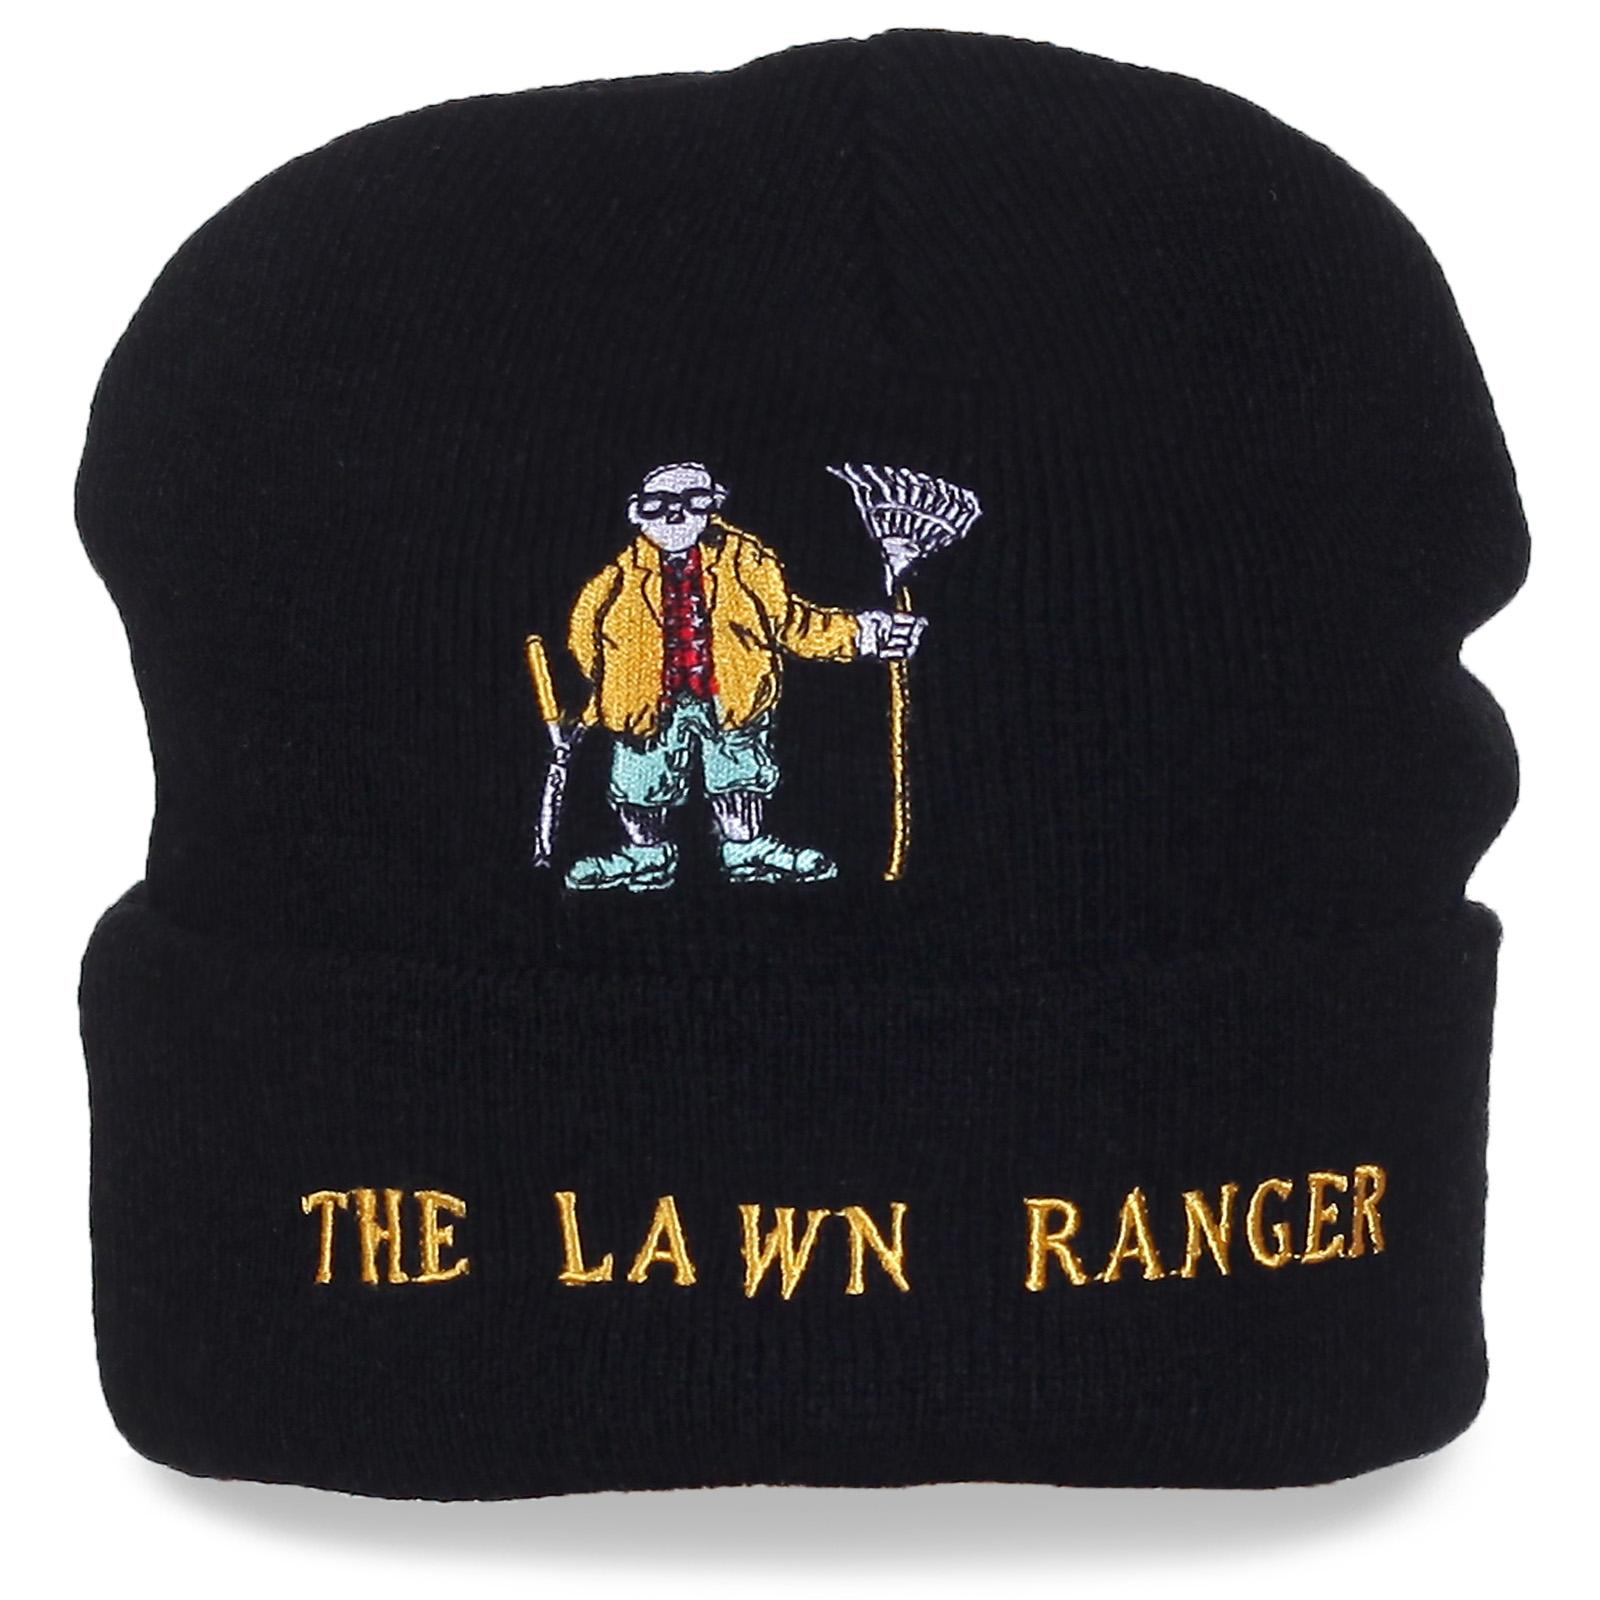 Черная мужская шапка с надписью The Lawn Ranger